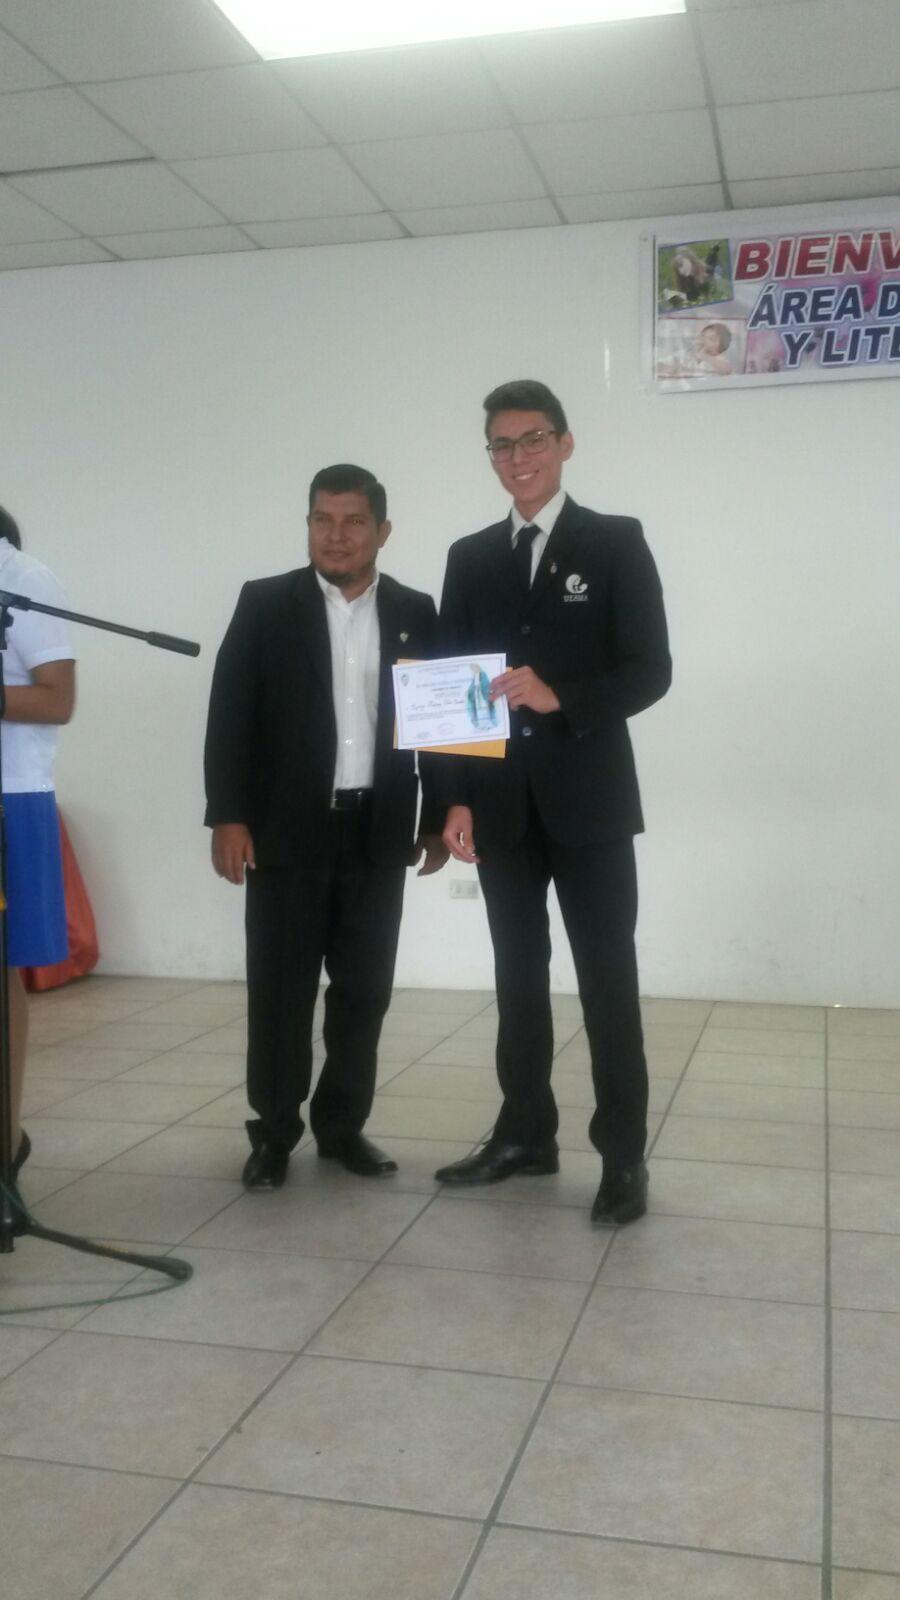 Recibiendo el premio